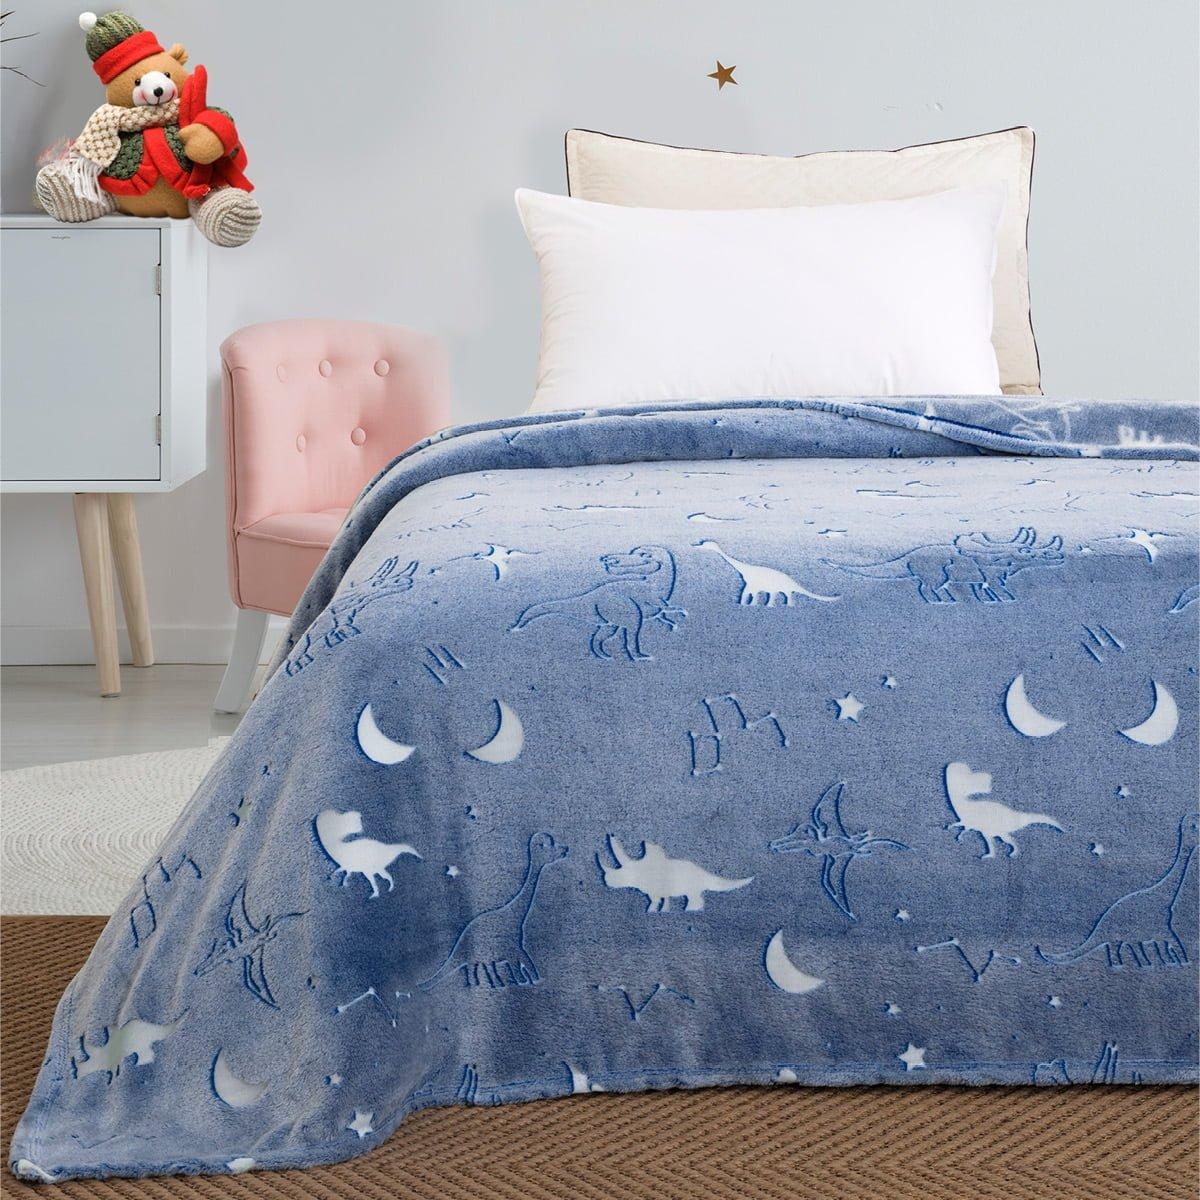 Κουβέρτα μονή φωσφορίζουσα Art 6128  160x220 Γαλάζιο Beauty Home